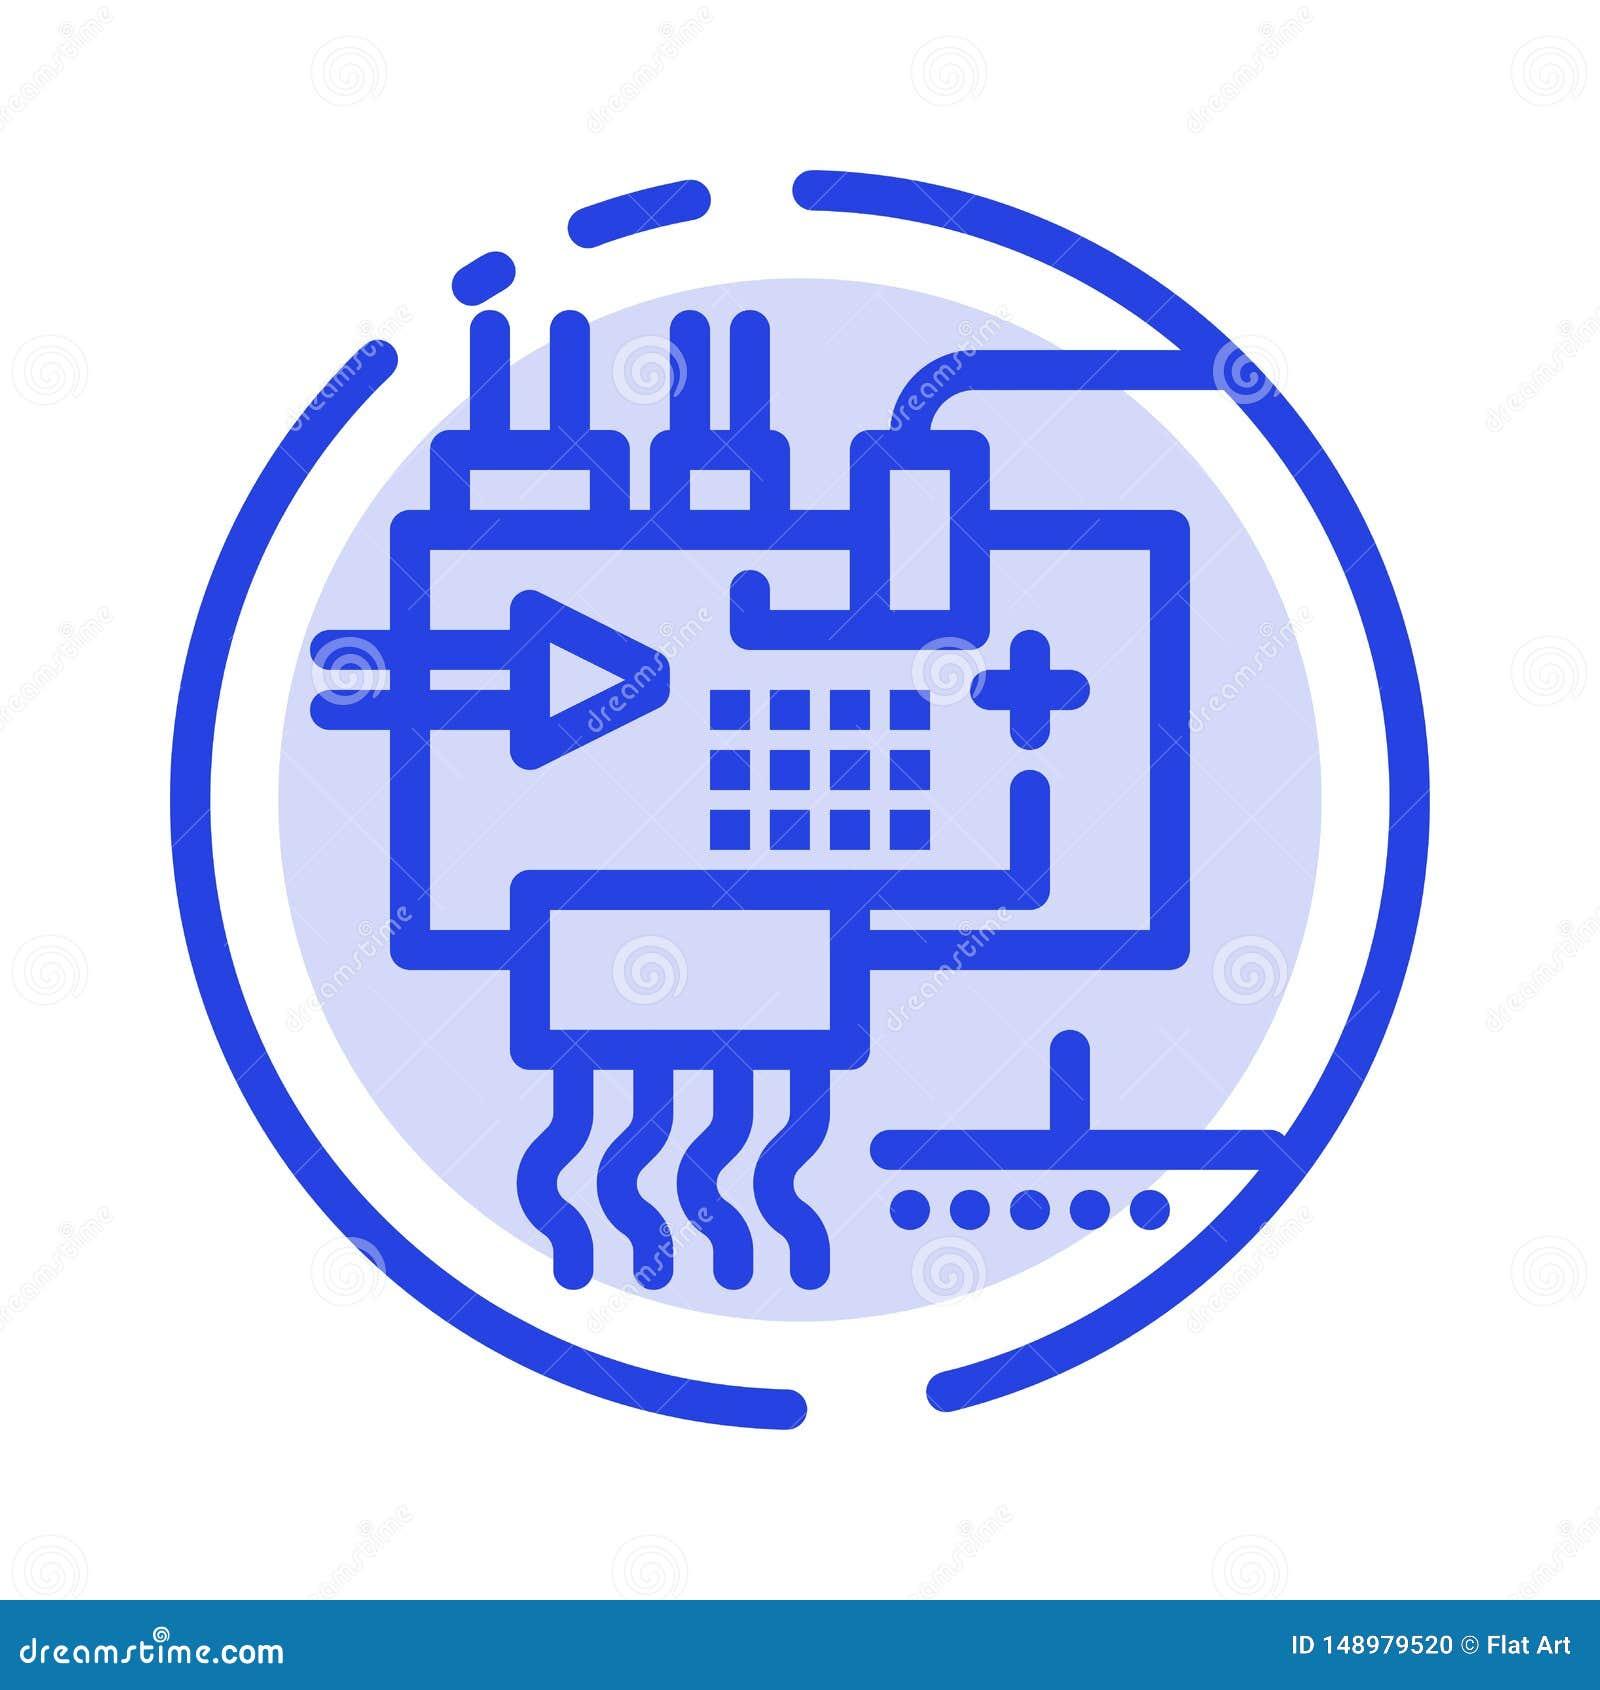 Monte, modifique para requisitos particulares, electrónica, ingeniería, línea de puntos azul línea icono de las piezas